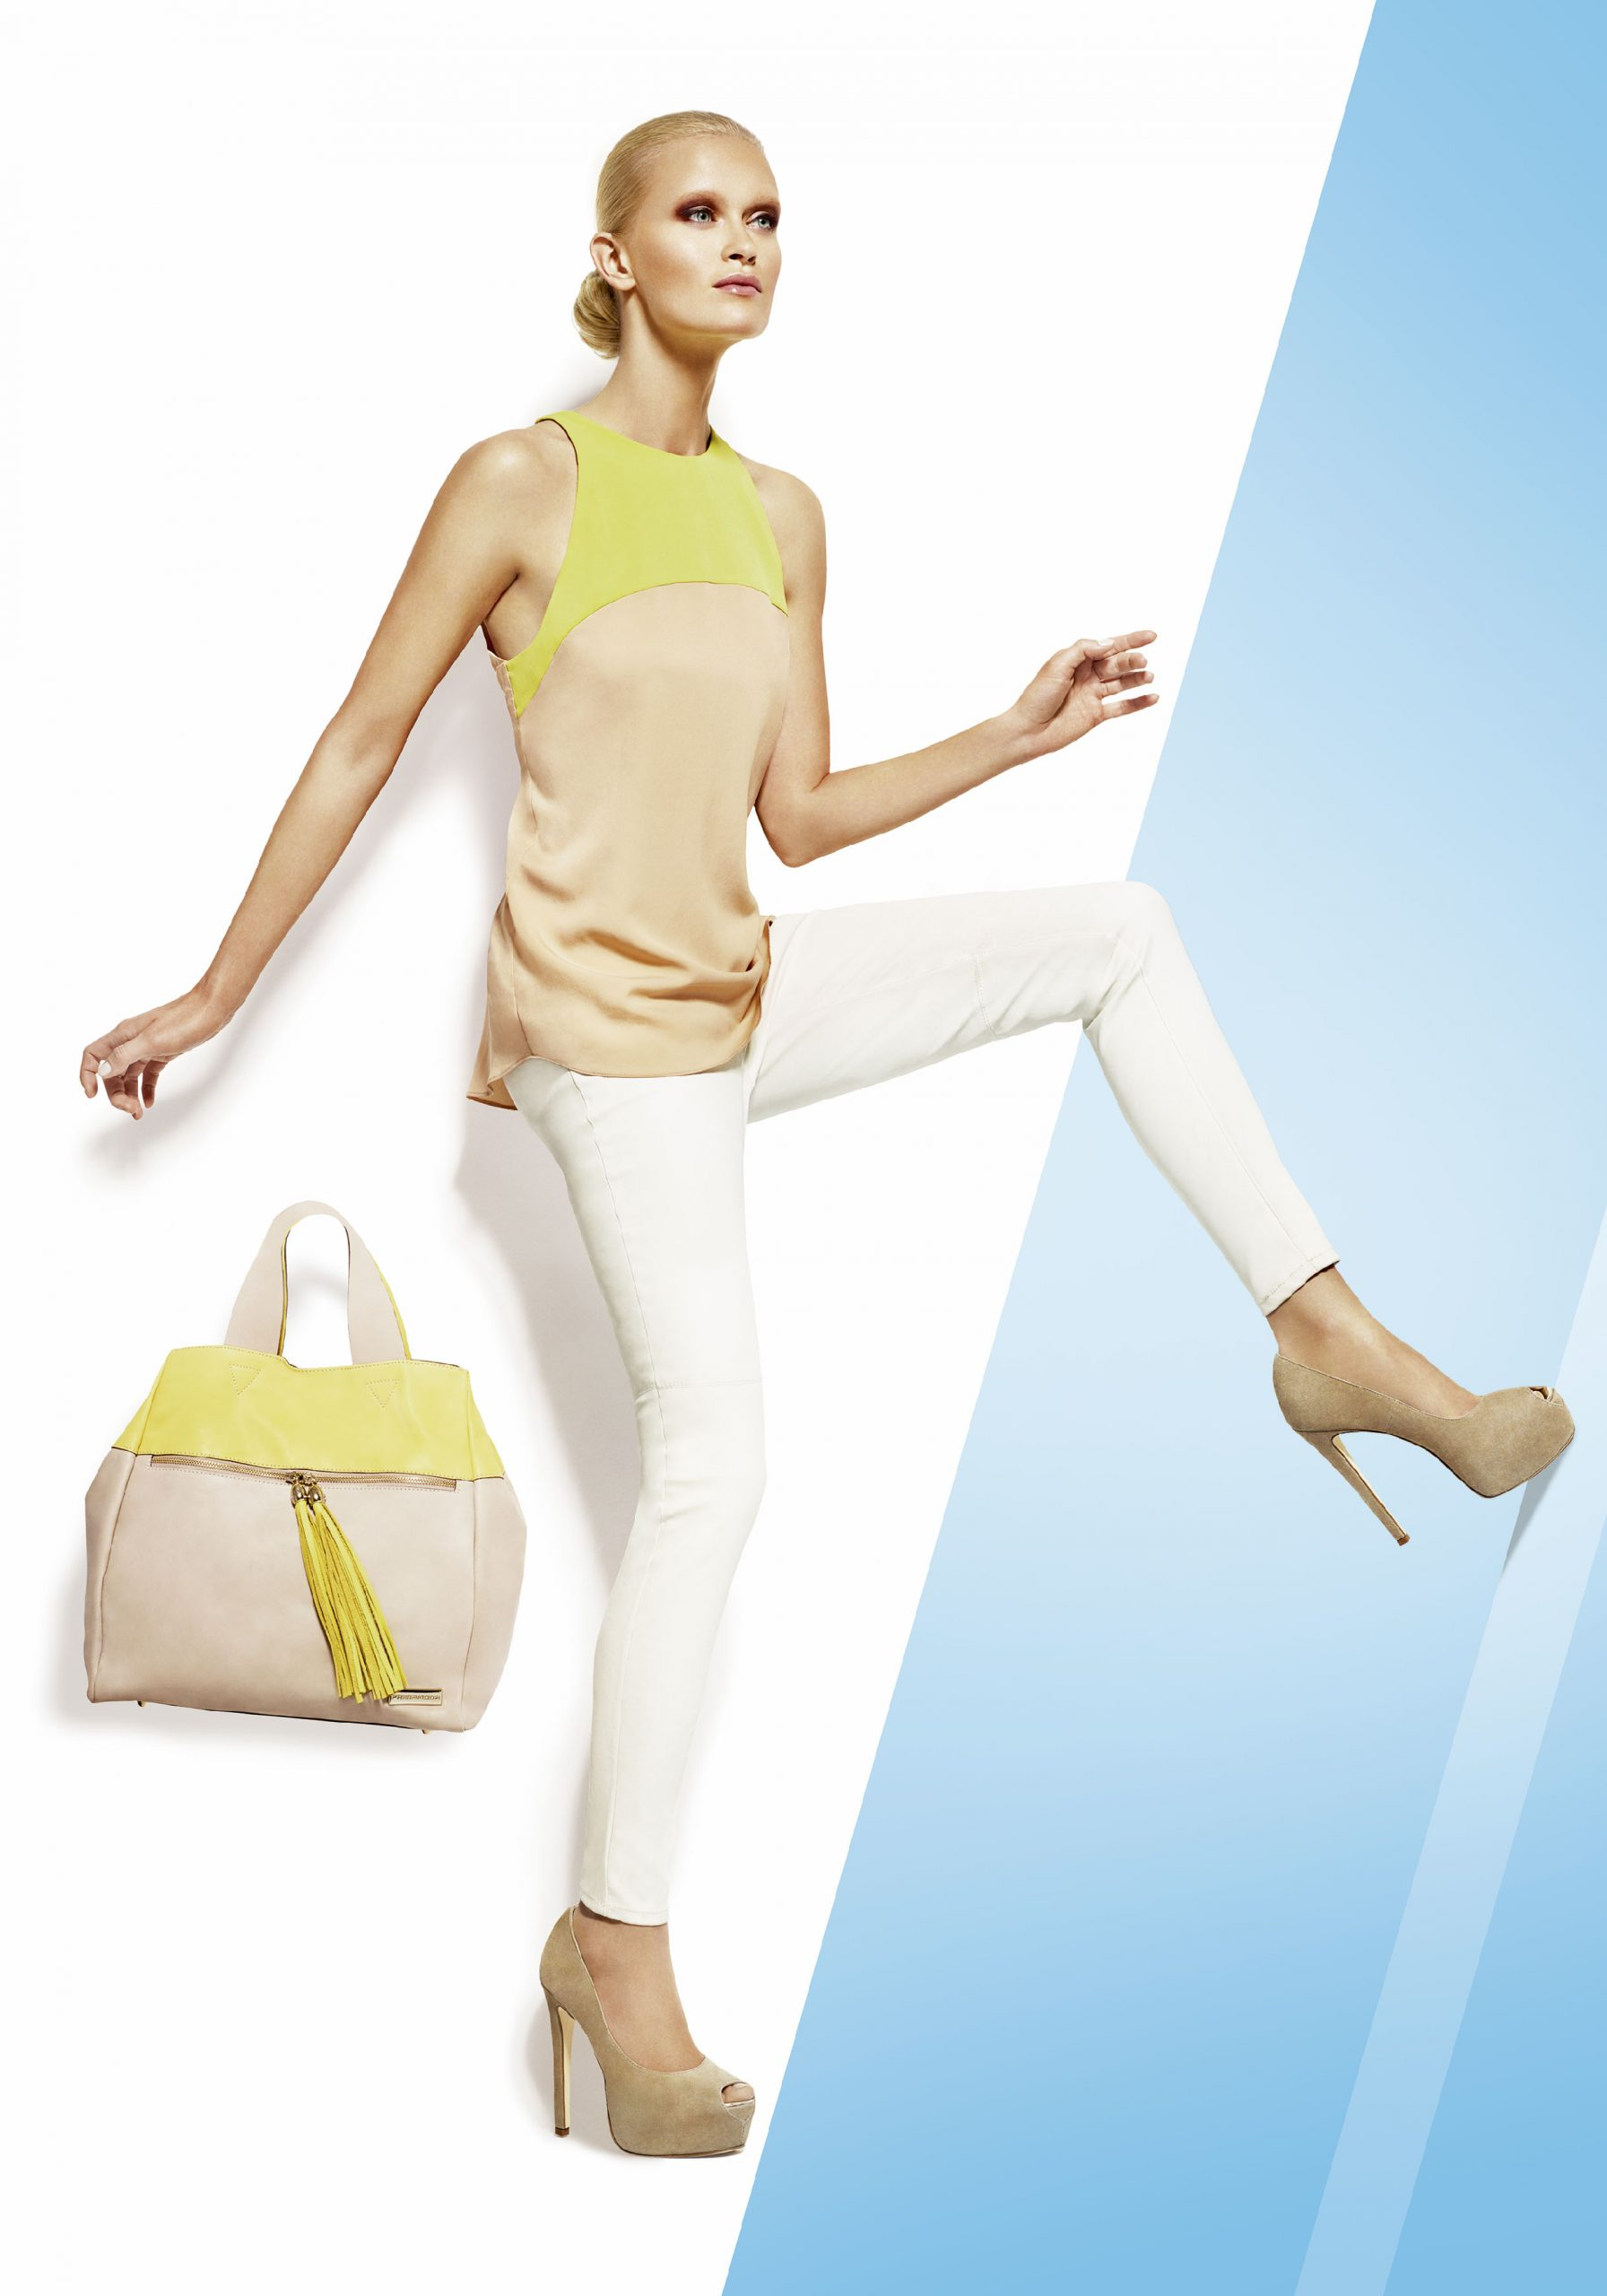 Cytrynowa żółć, delikatny piaskowy beż i odcienie bieli – wiosna właśnie nadeszła!